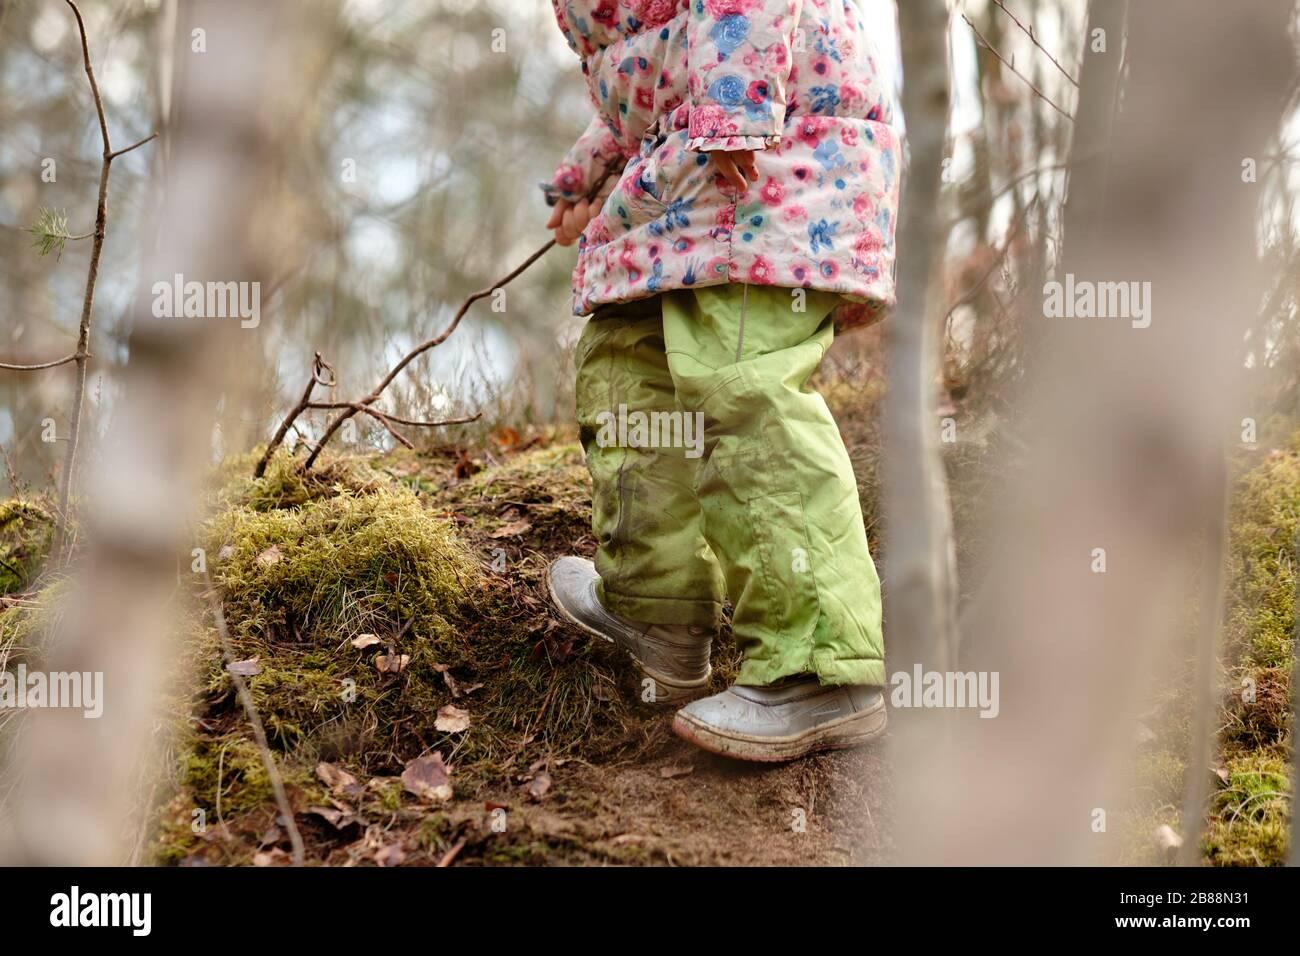 Bassa sezione di una bambina caucasica in abiti caldi giocando nella foresta all'inizio della primavera in marzo in Germania Foto Stock